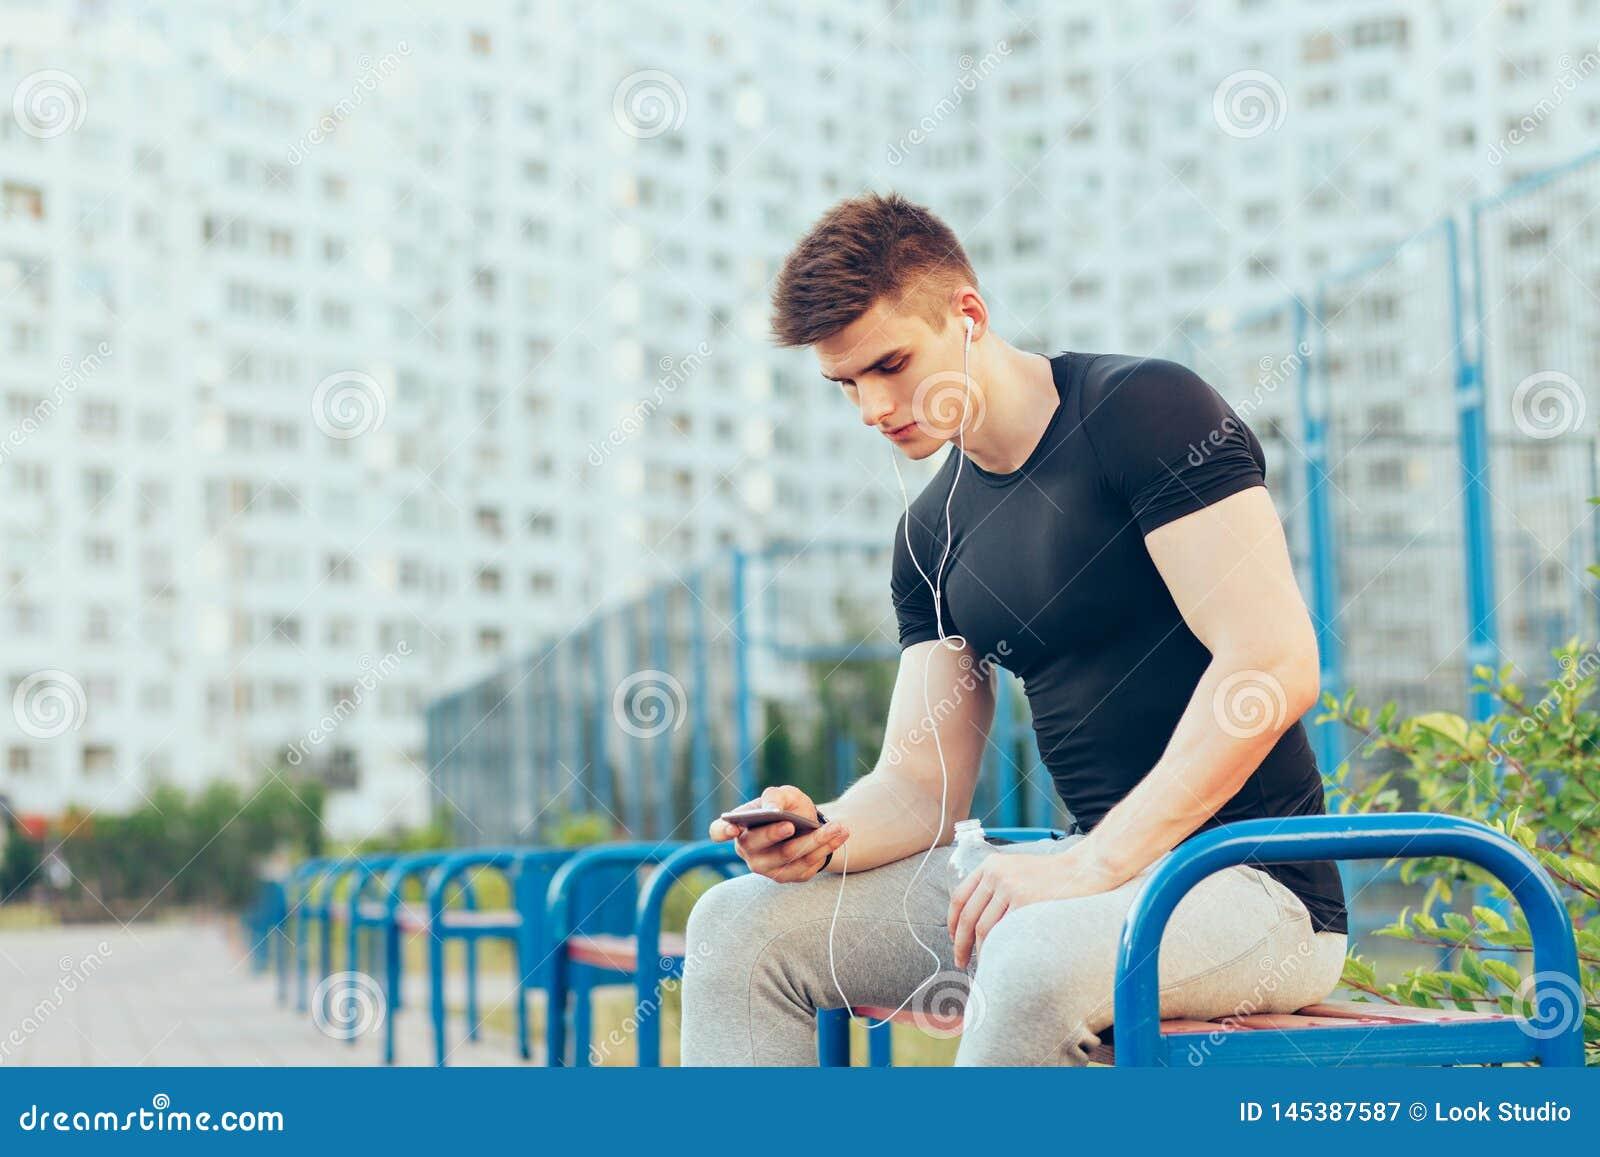 Ο όμορφος τύπος στην αθλητική μαύρη μπλούζα και τα γκρίζα αθλητικά εσώρουχα κάθεται στον πάγκο στο υπόβαθρο πόλεων και σταδίων Εί